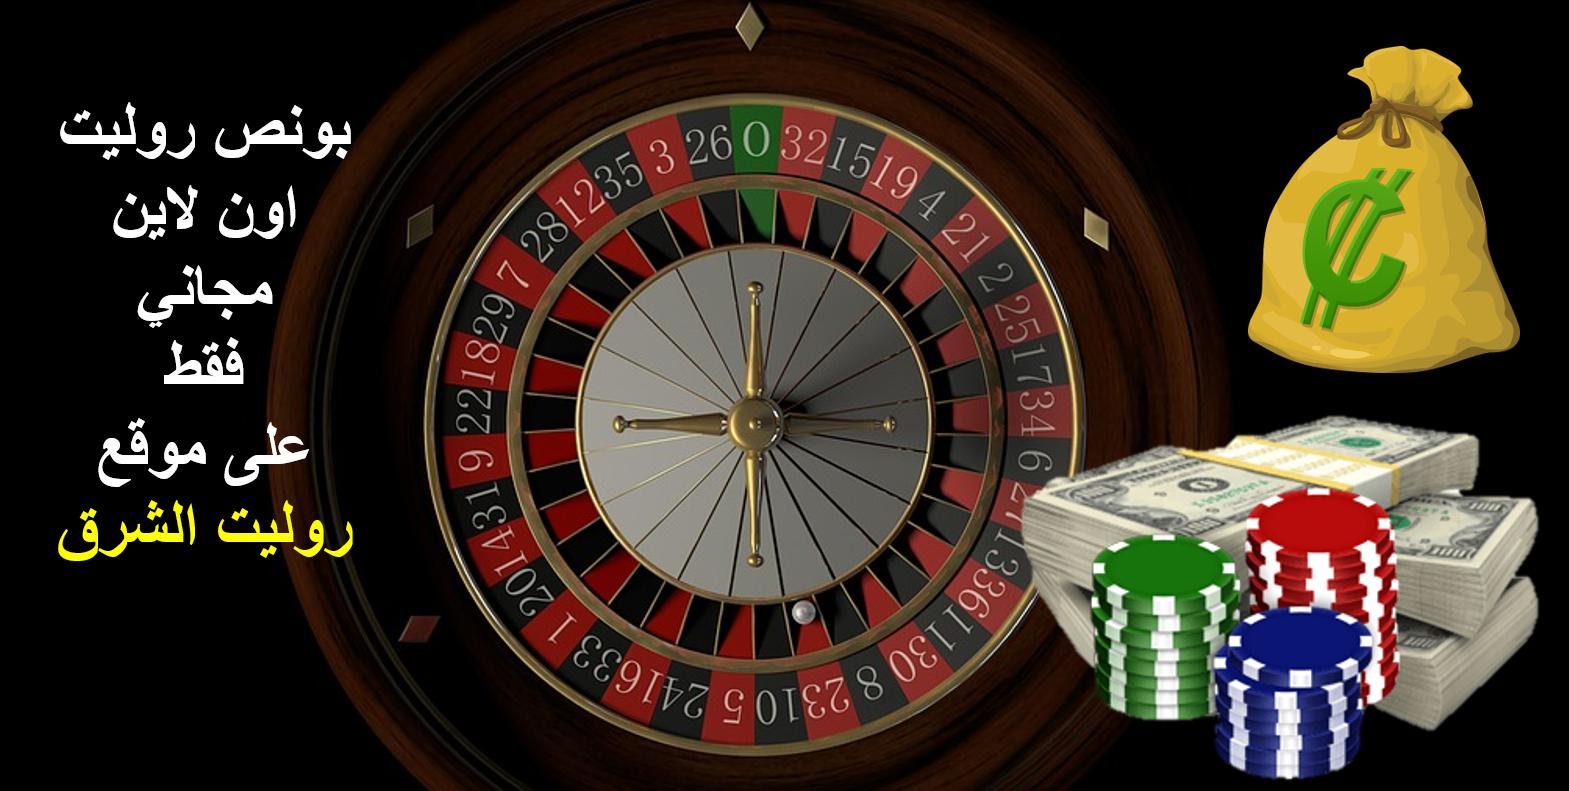 لعبة الدومينو - 73996